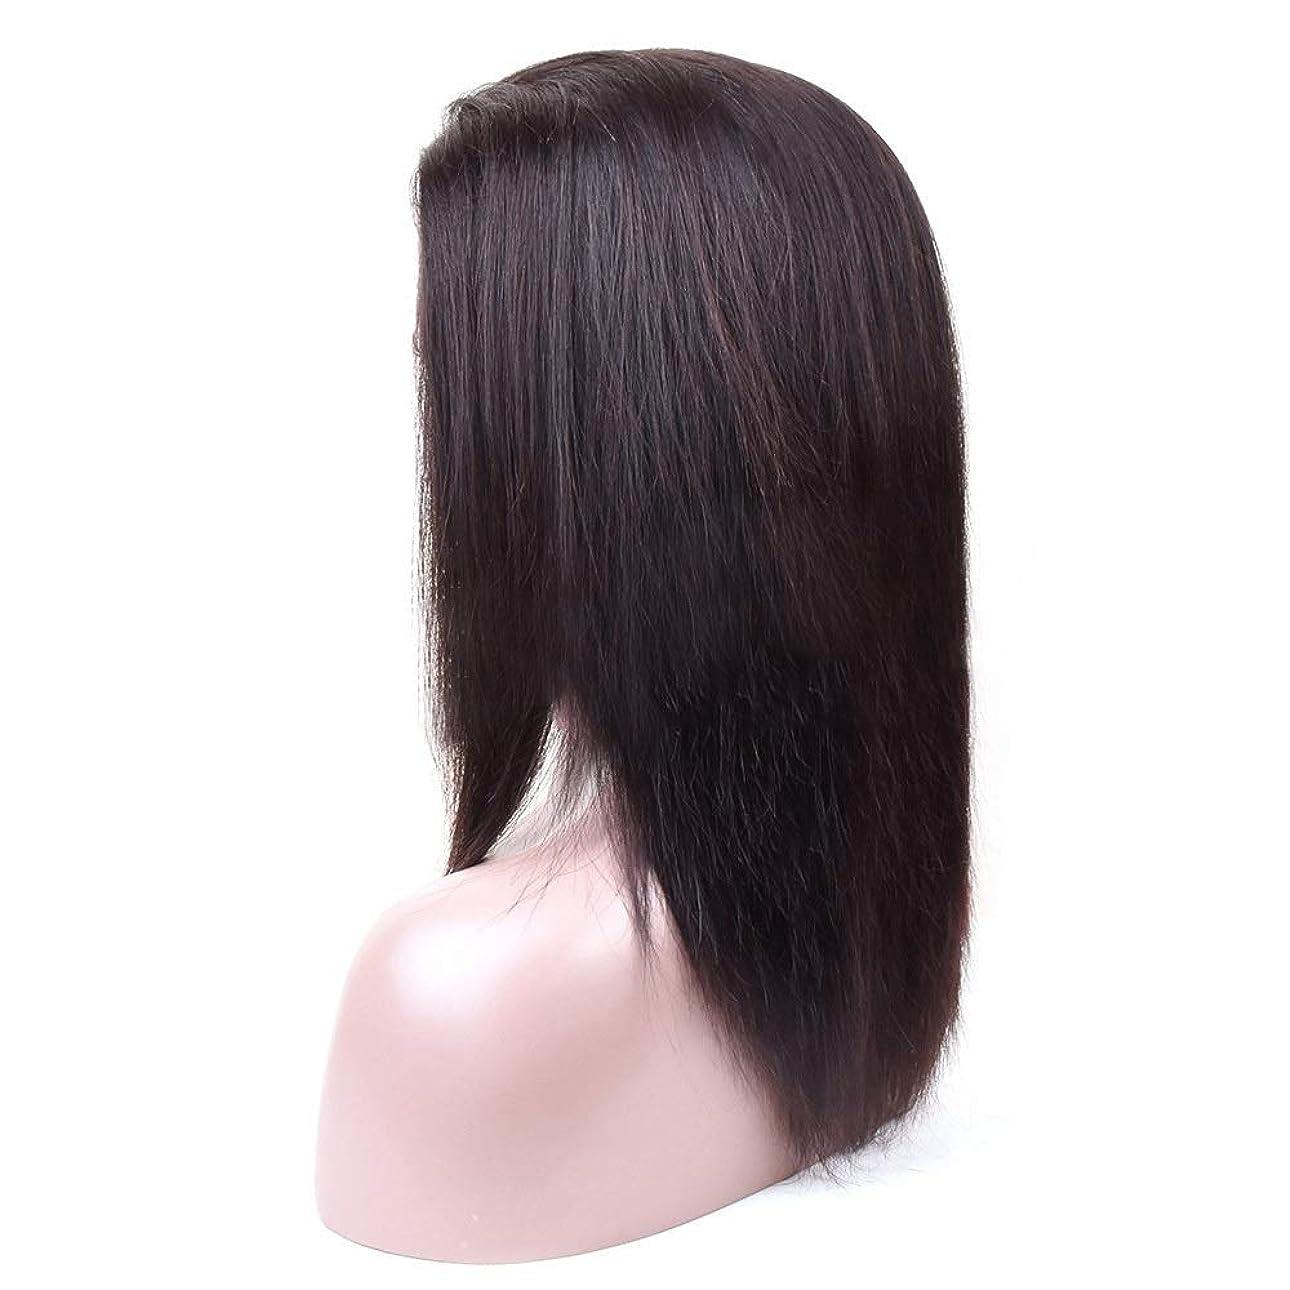 皮放射能喪WASAIO ブラジルのレースフロントかつらバージン人間の髪の毛のグルーレス360レース前頭人間の髪の毛のかつら (色 : 黒, サイズ : 20 inch)